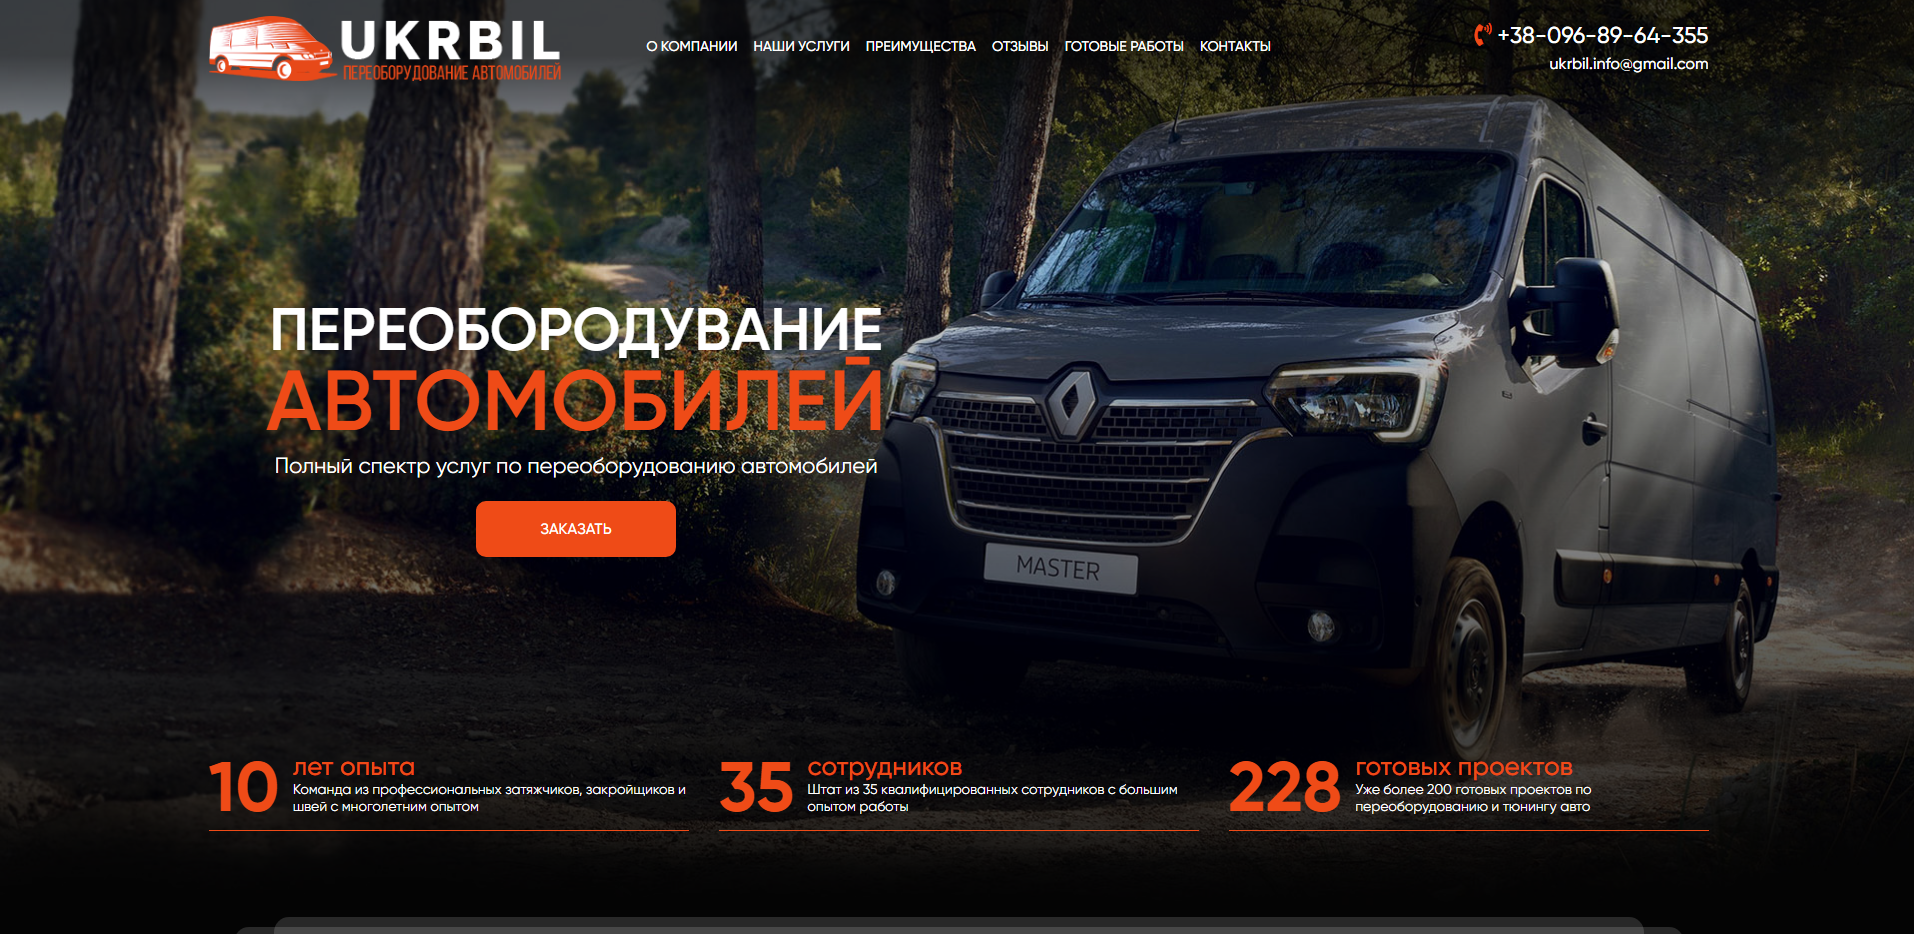 Landing Page UKRBIL